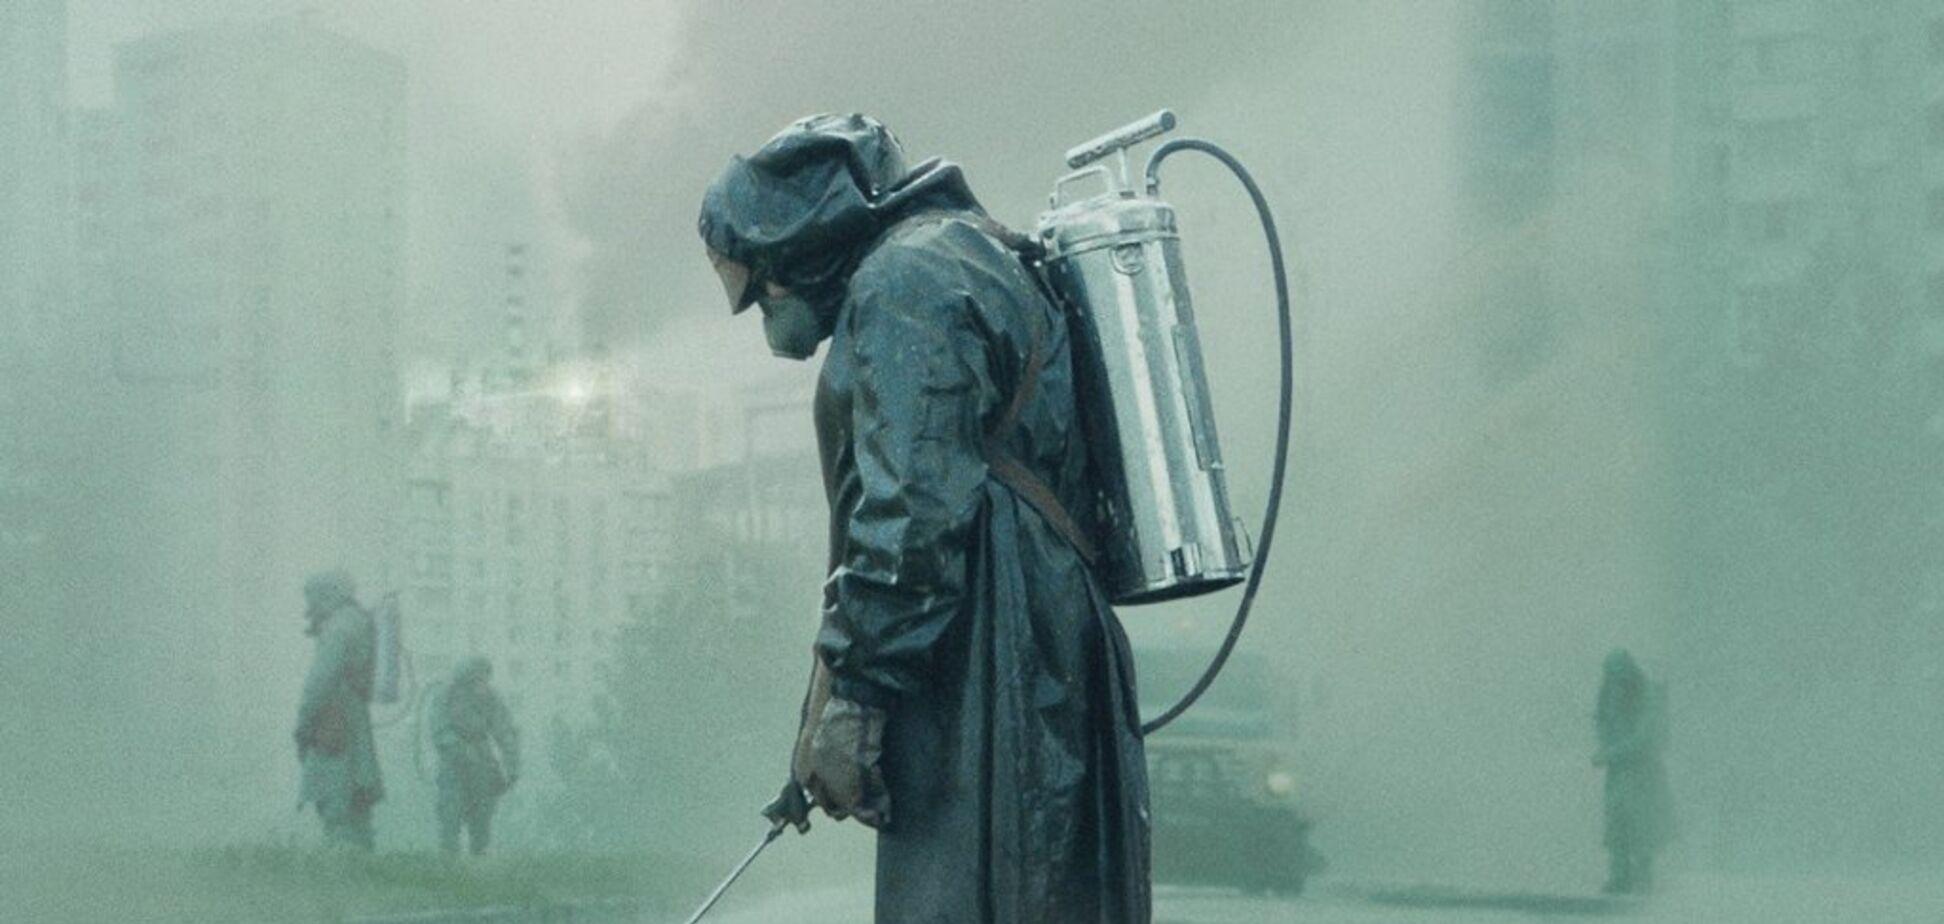 Вийшла друга серія 'Чорнобиль' від HBO: де дивитися онлайн